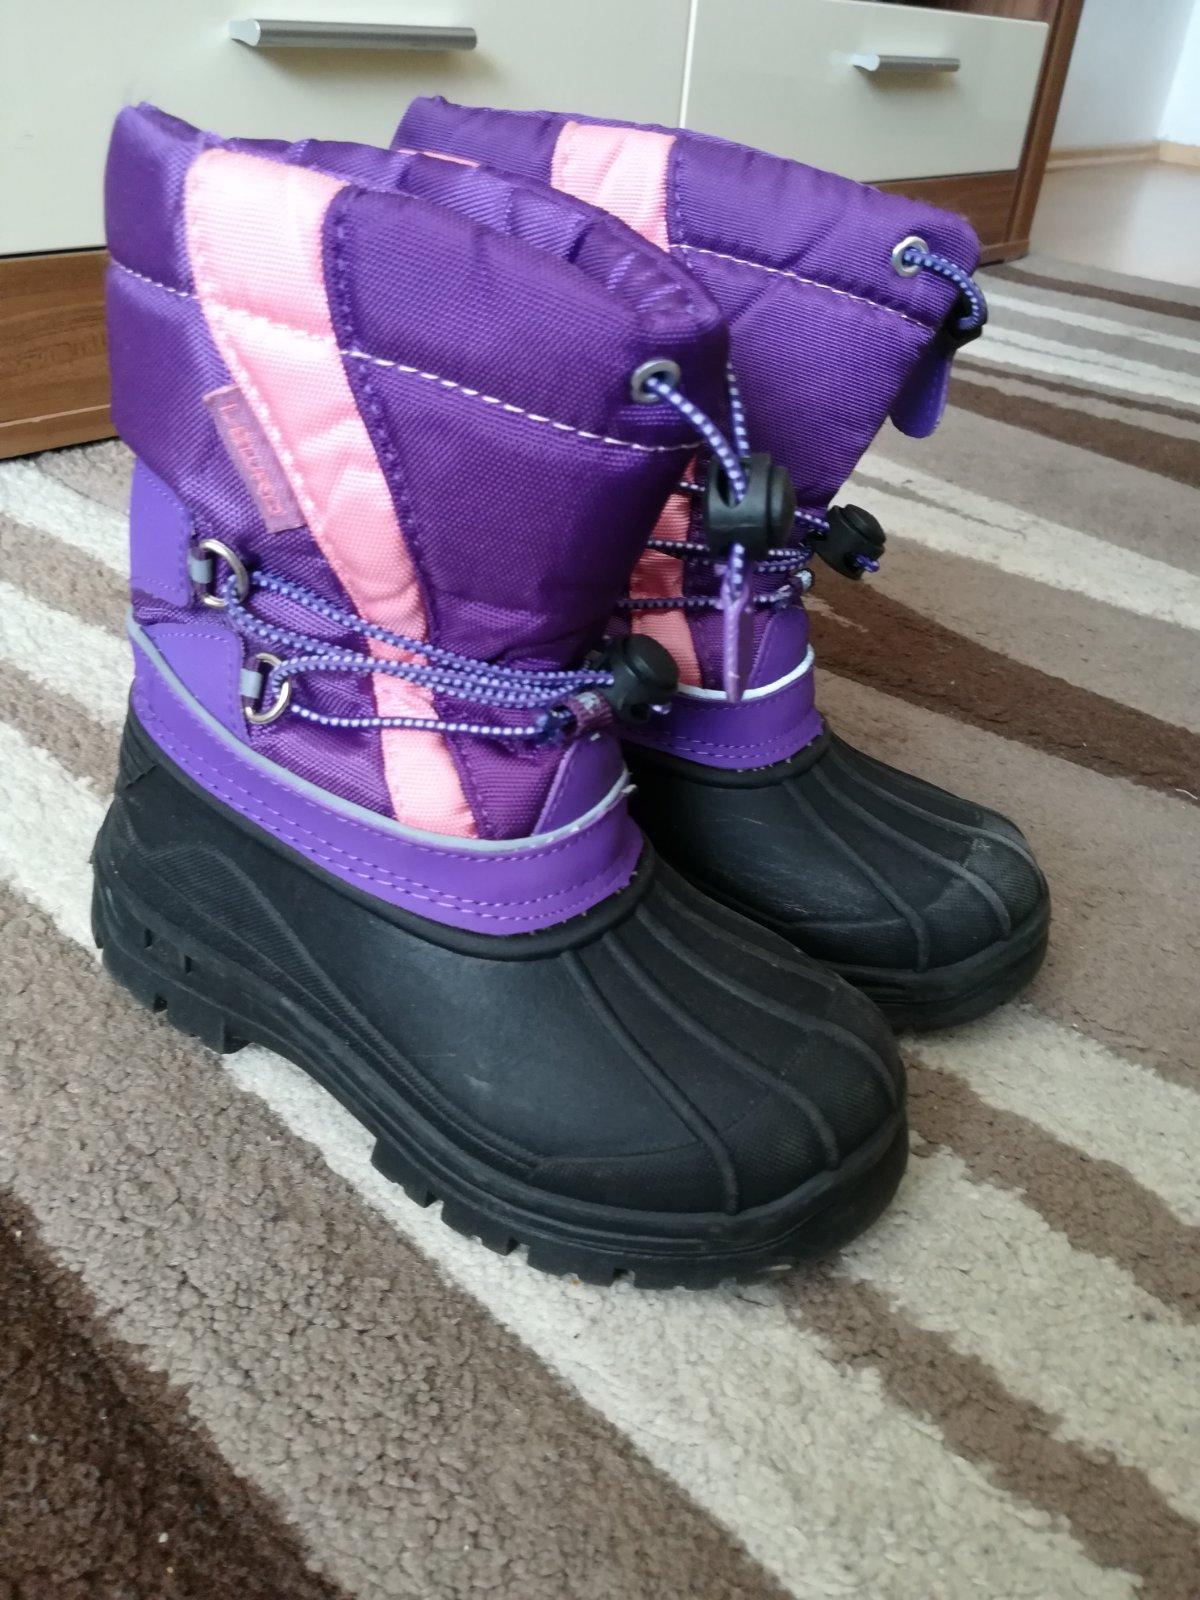 934223c5956a5 Zimné topánky, 29 - 10 € od predávajúcej stanislava484 | Detský bazár |  ModryKonik.sk